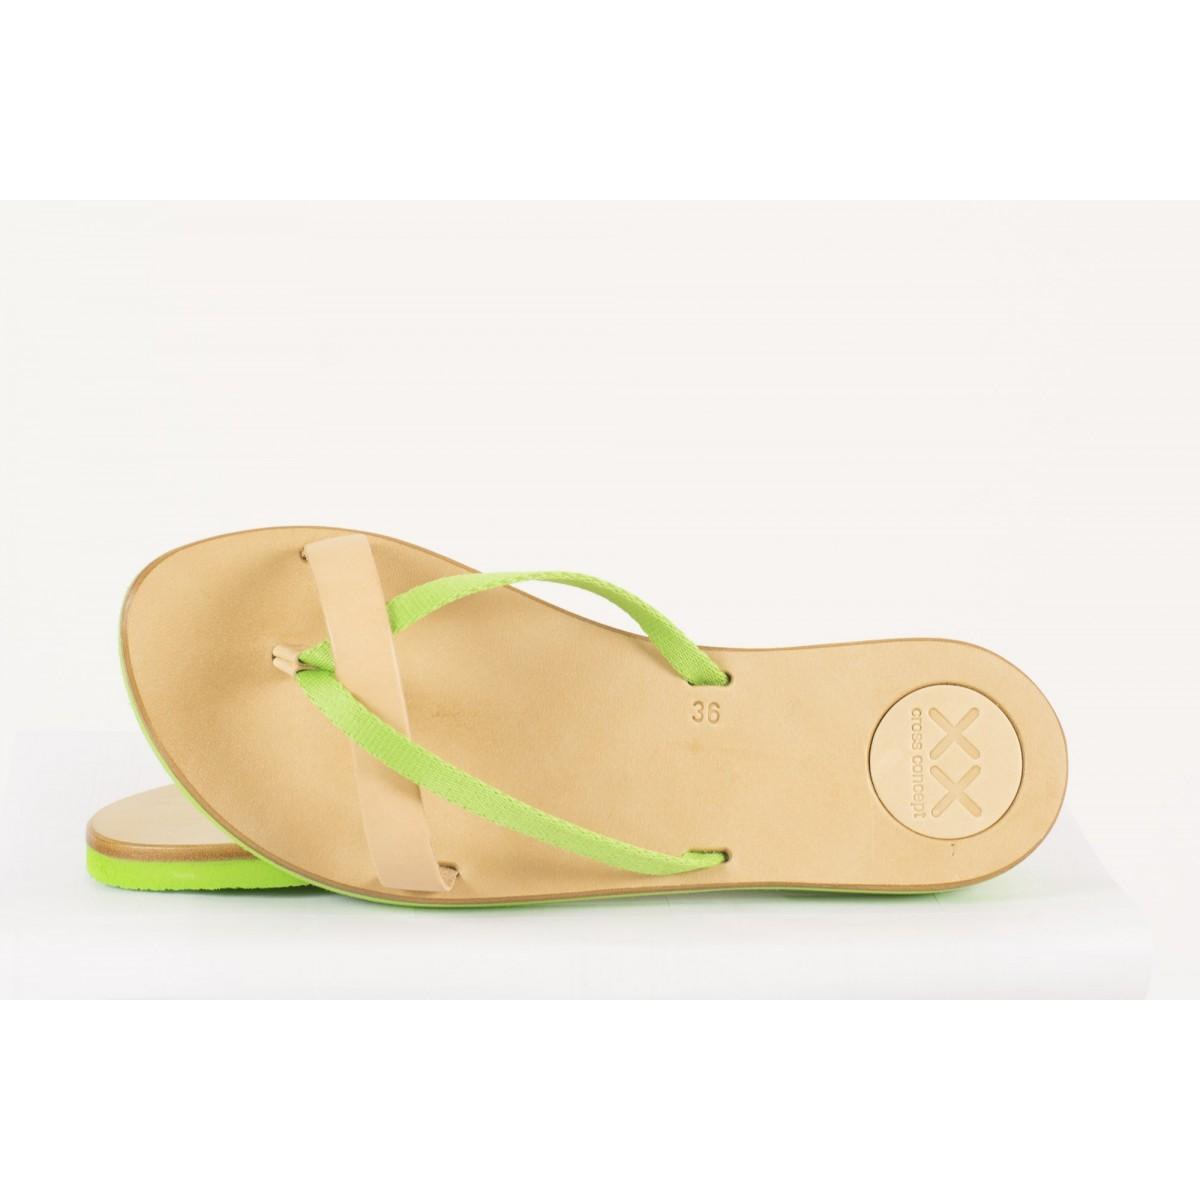 Sandalo Xx cross concept - S01 tutti frutti infradito donna Green